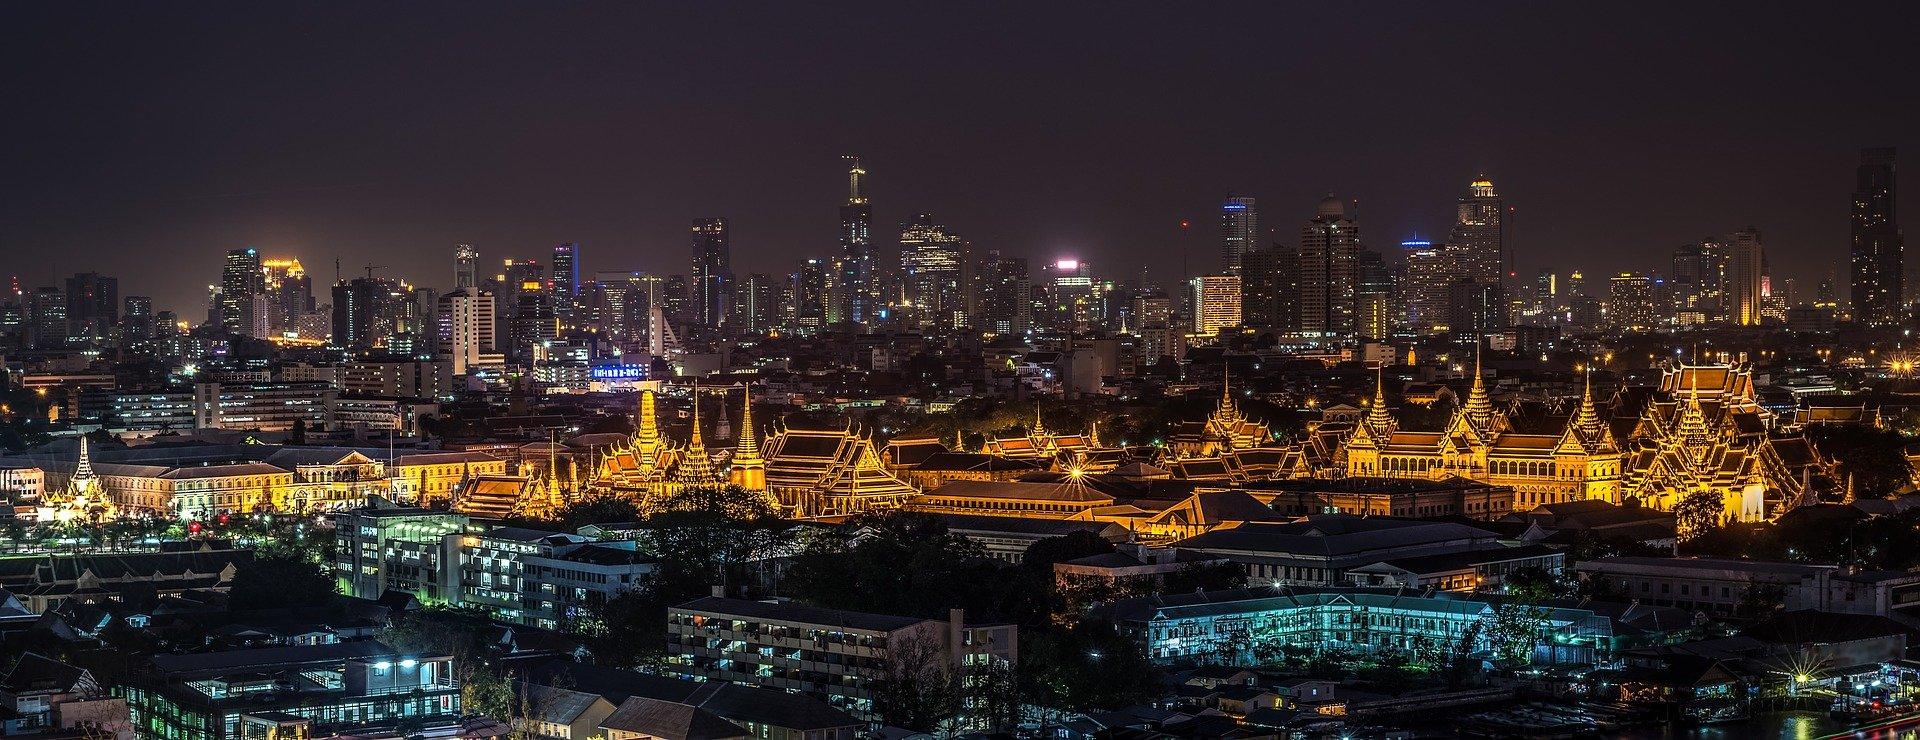 Tajlandia: Bangkok – miasto, gdzie mieszka zreinkarnowany bóg